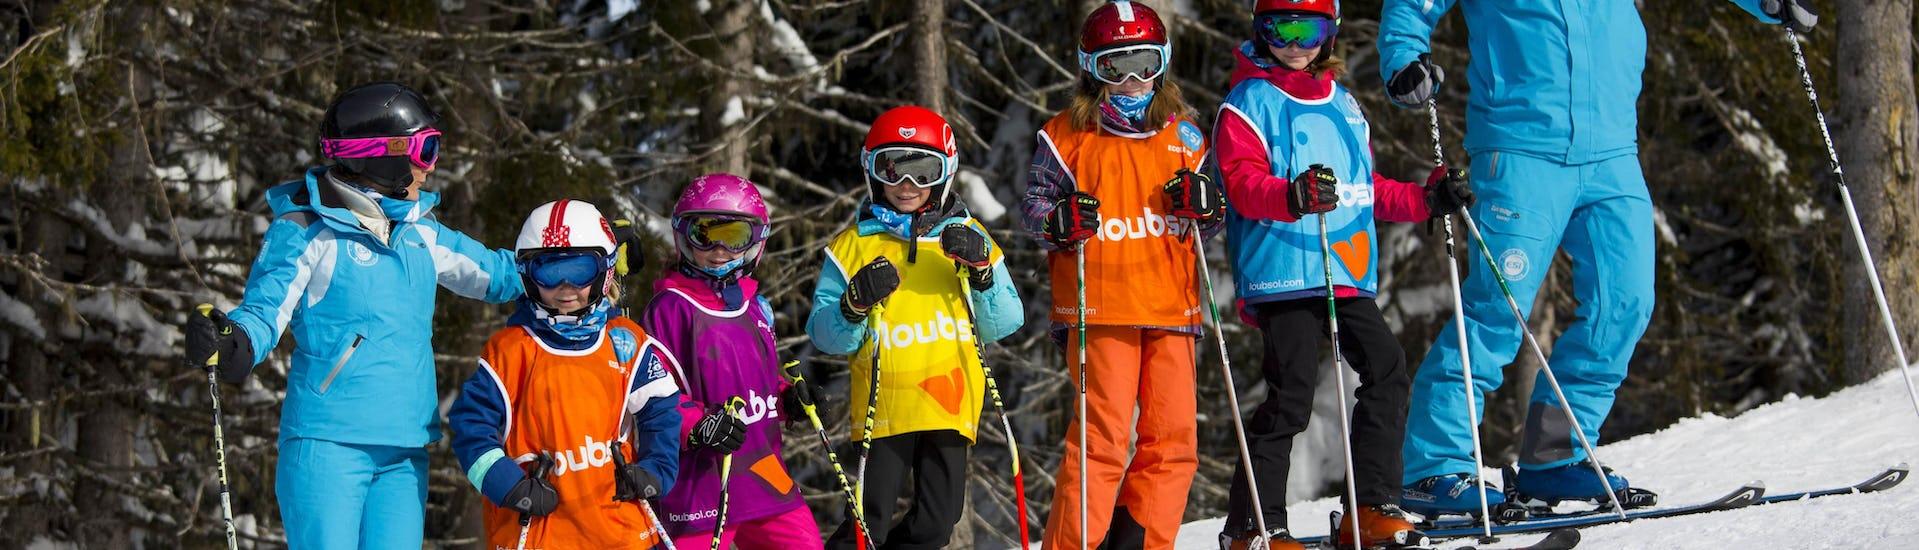 Kids Ski Lessons (4-13 years) - February